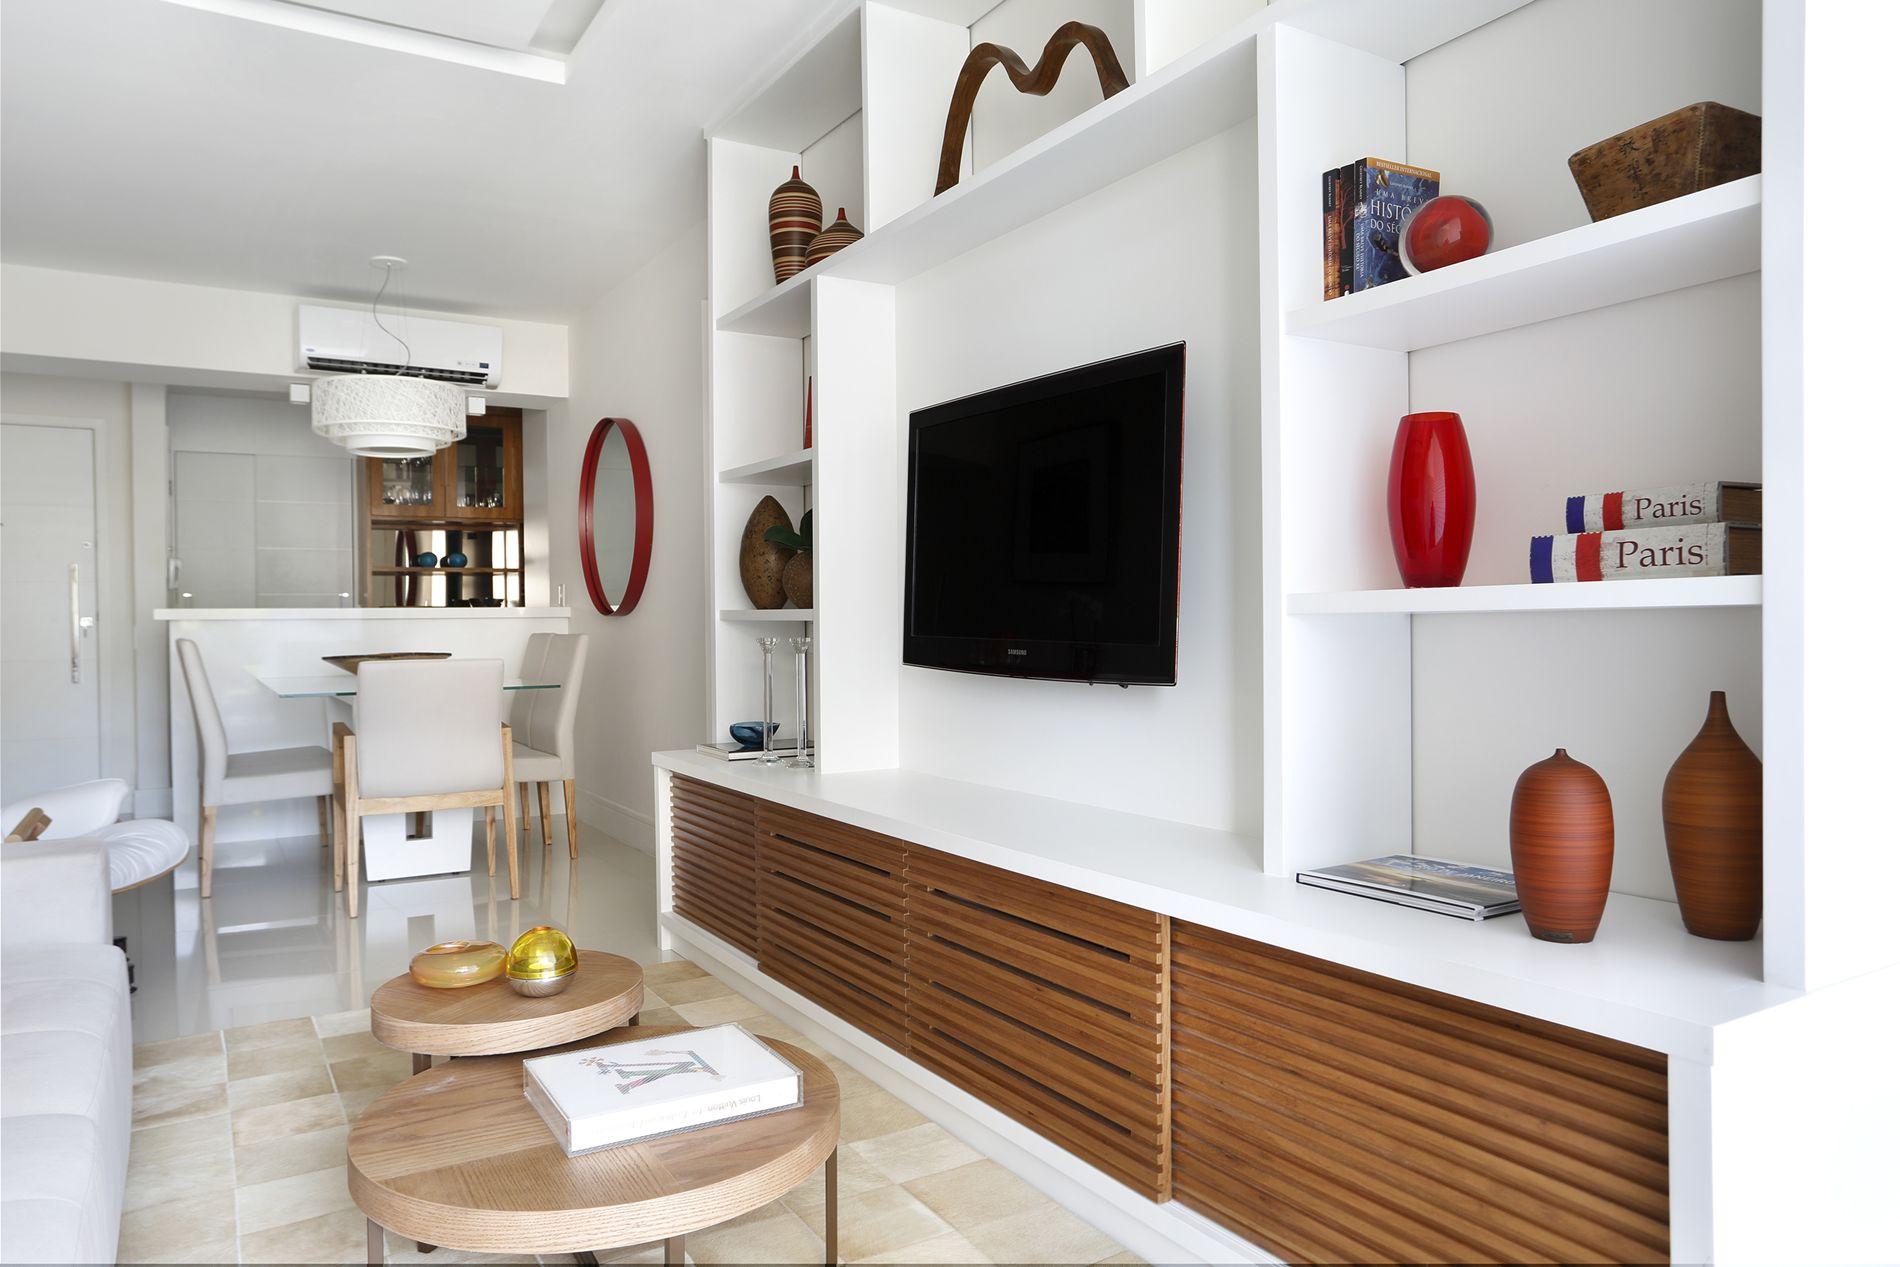 Projeto de Arquitetura e Decoração para Sala de Tv em Apartamentos  #714026 1900 1267